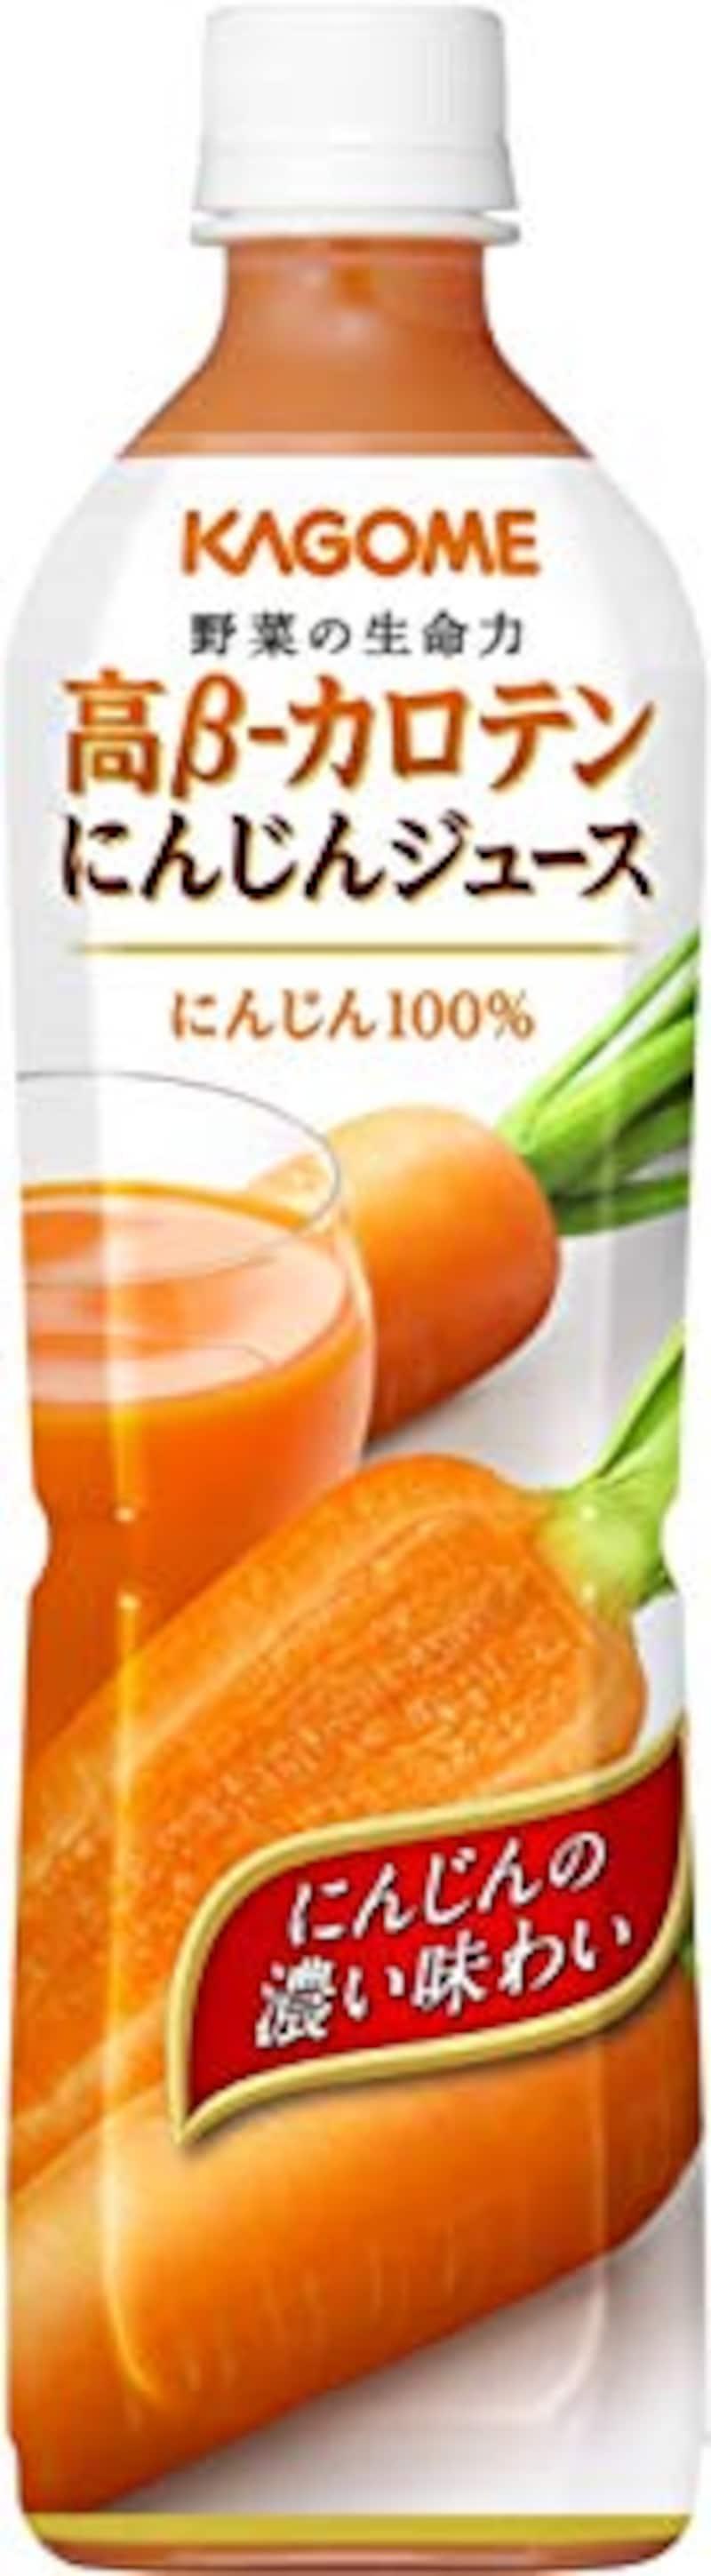 カゴメ,高β-カロテン にんじんジュース